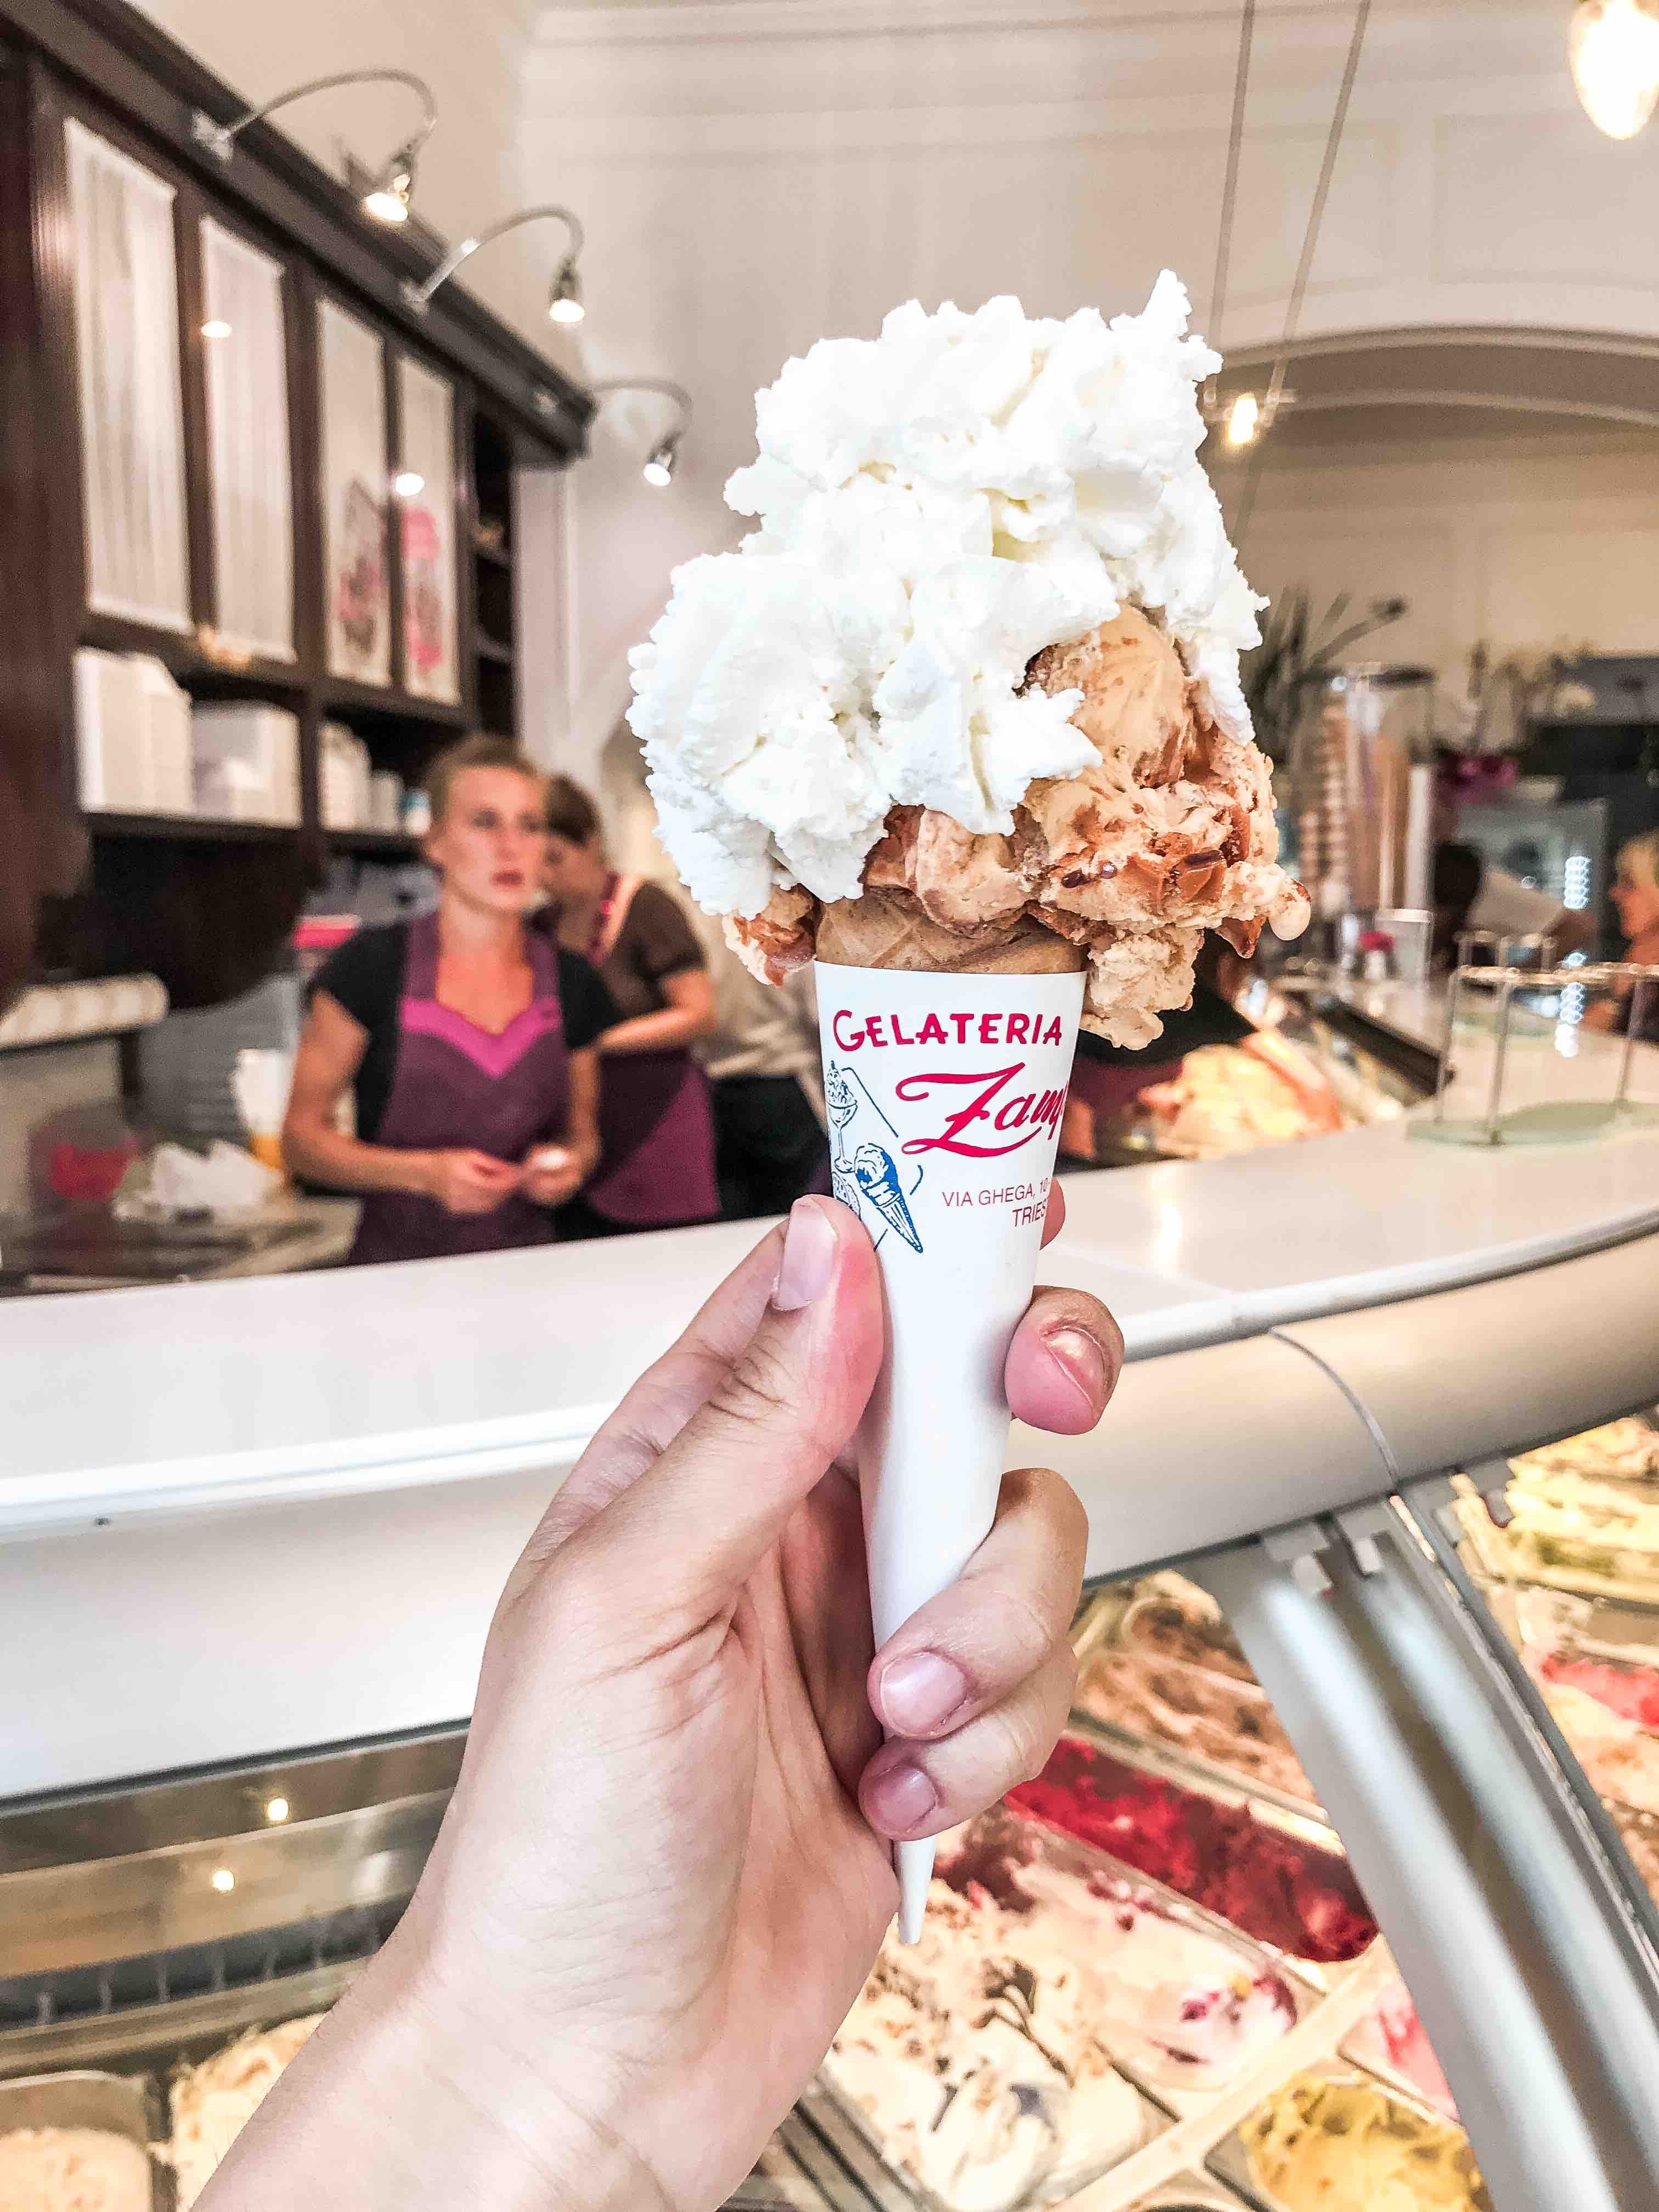 Il gelato più buono di Trieste: gelato della gelateria Zampolli in cono con panna